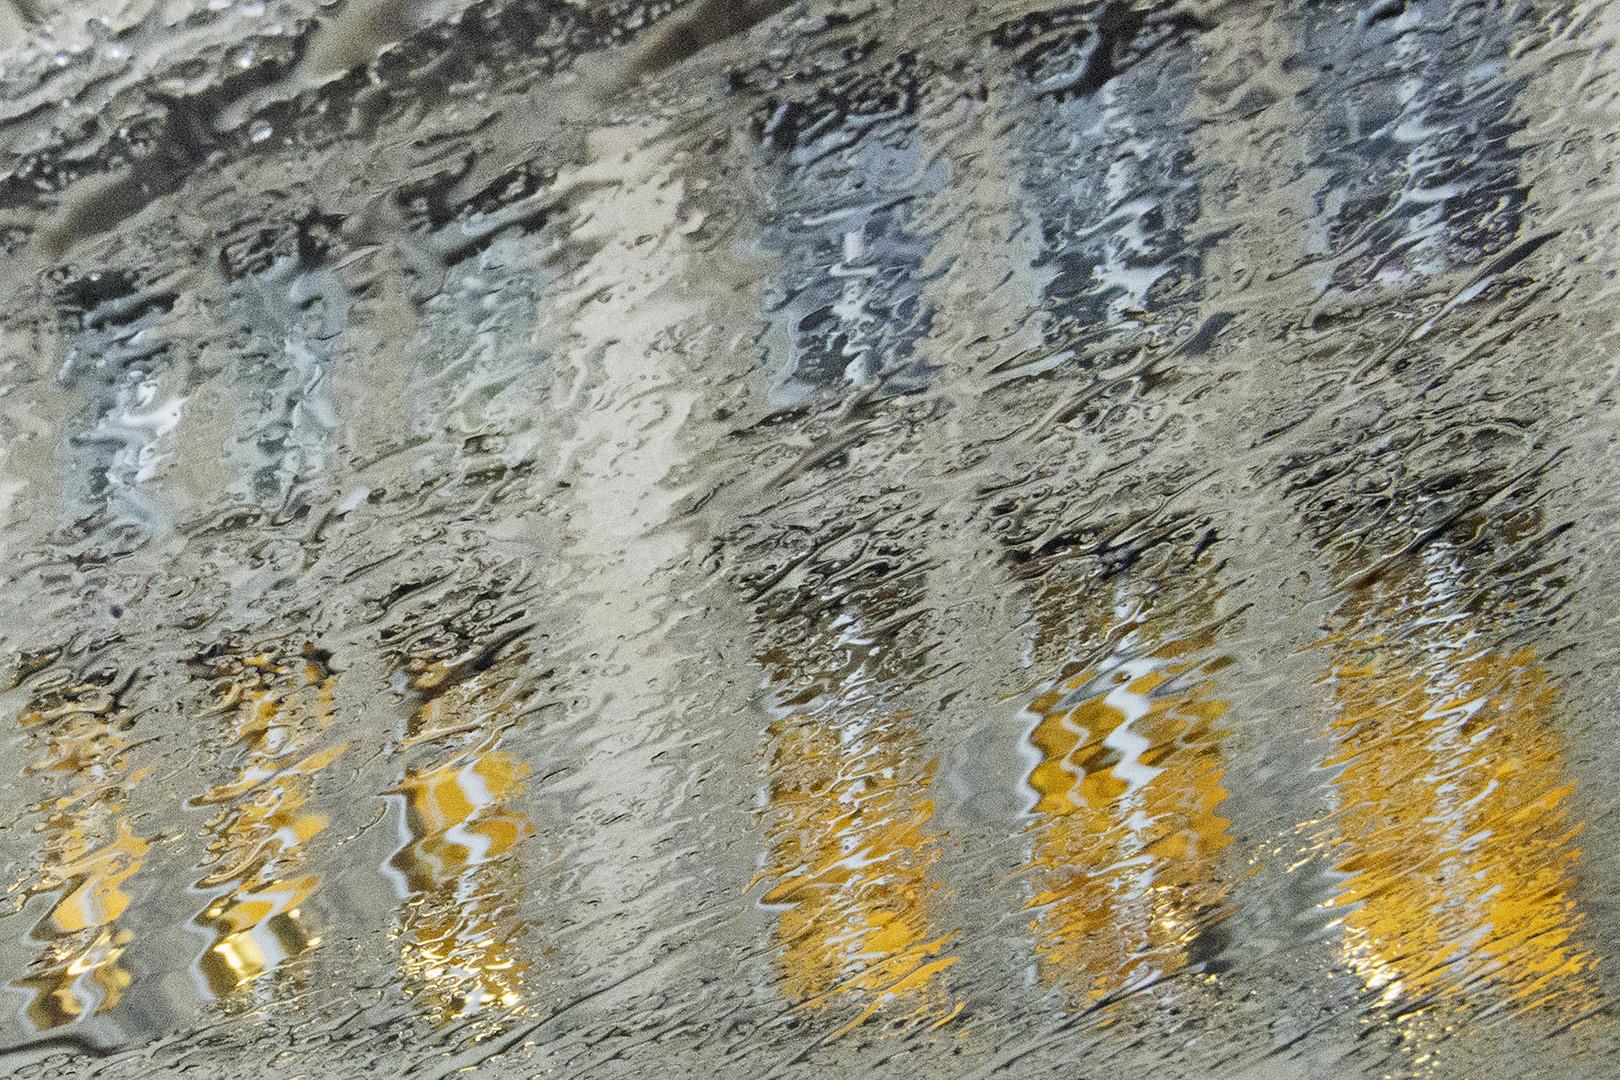 Rain Painting de fenêtres éclairées, l'averse déforme les lignes de la façade de la Sorbonne.